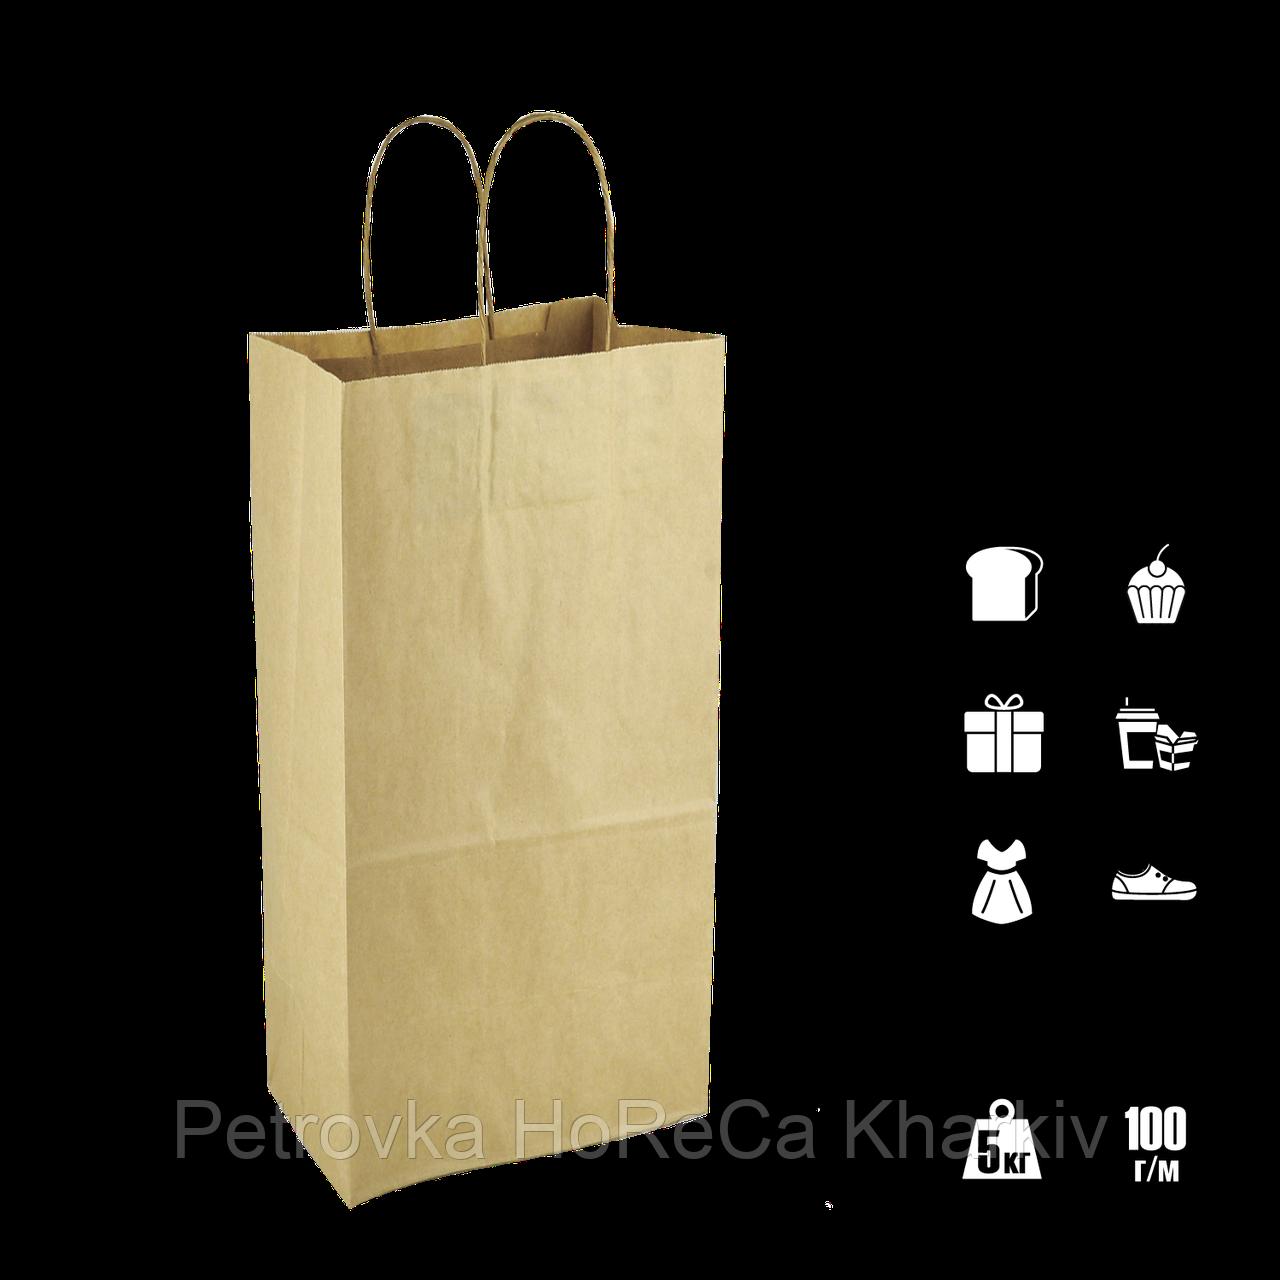 Бумажный пакет крафтовый с кручеными ручками под бутылку 150*90*400мм (Ш.Г.В) Пл 100г Нагр 5кг (1002)